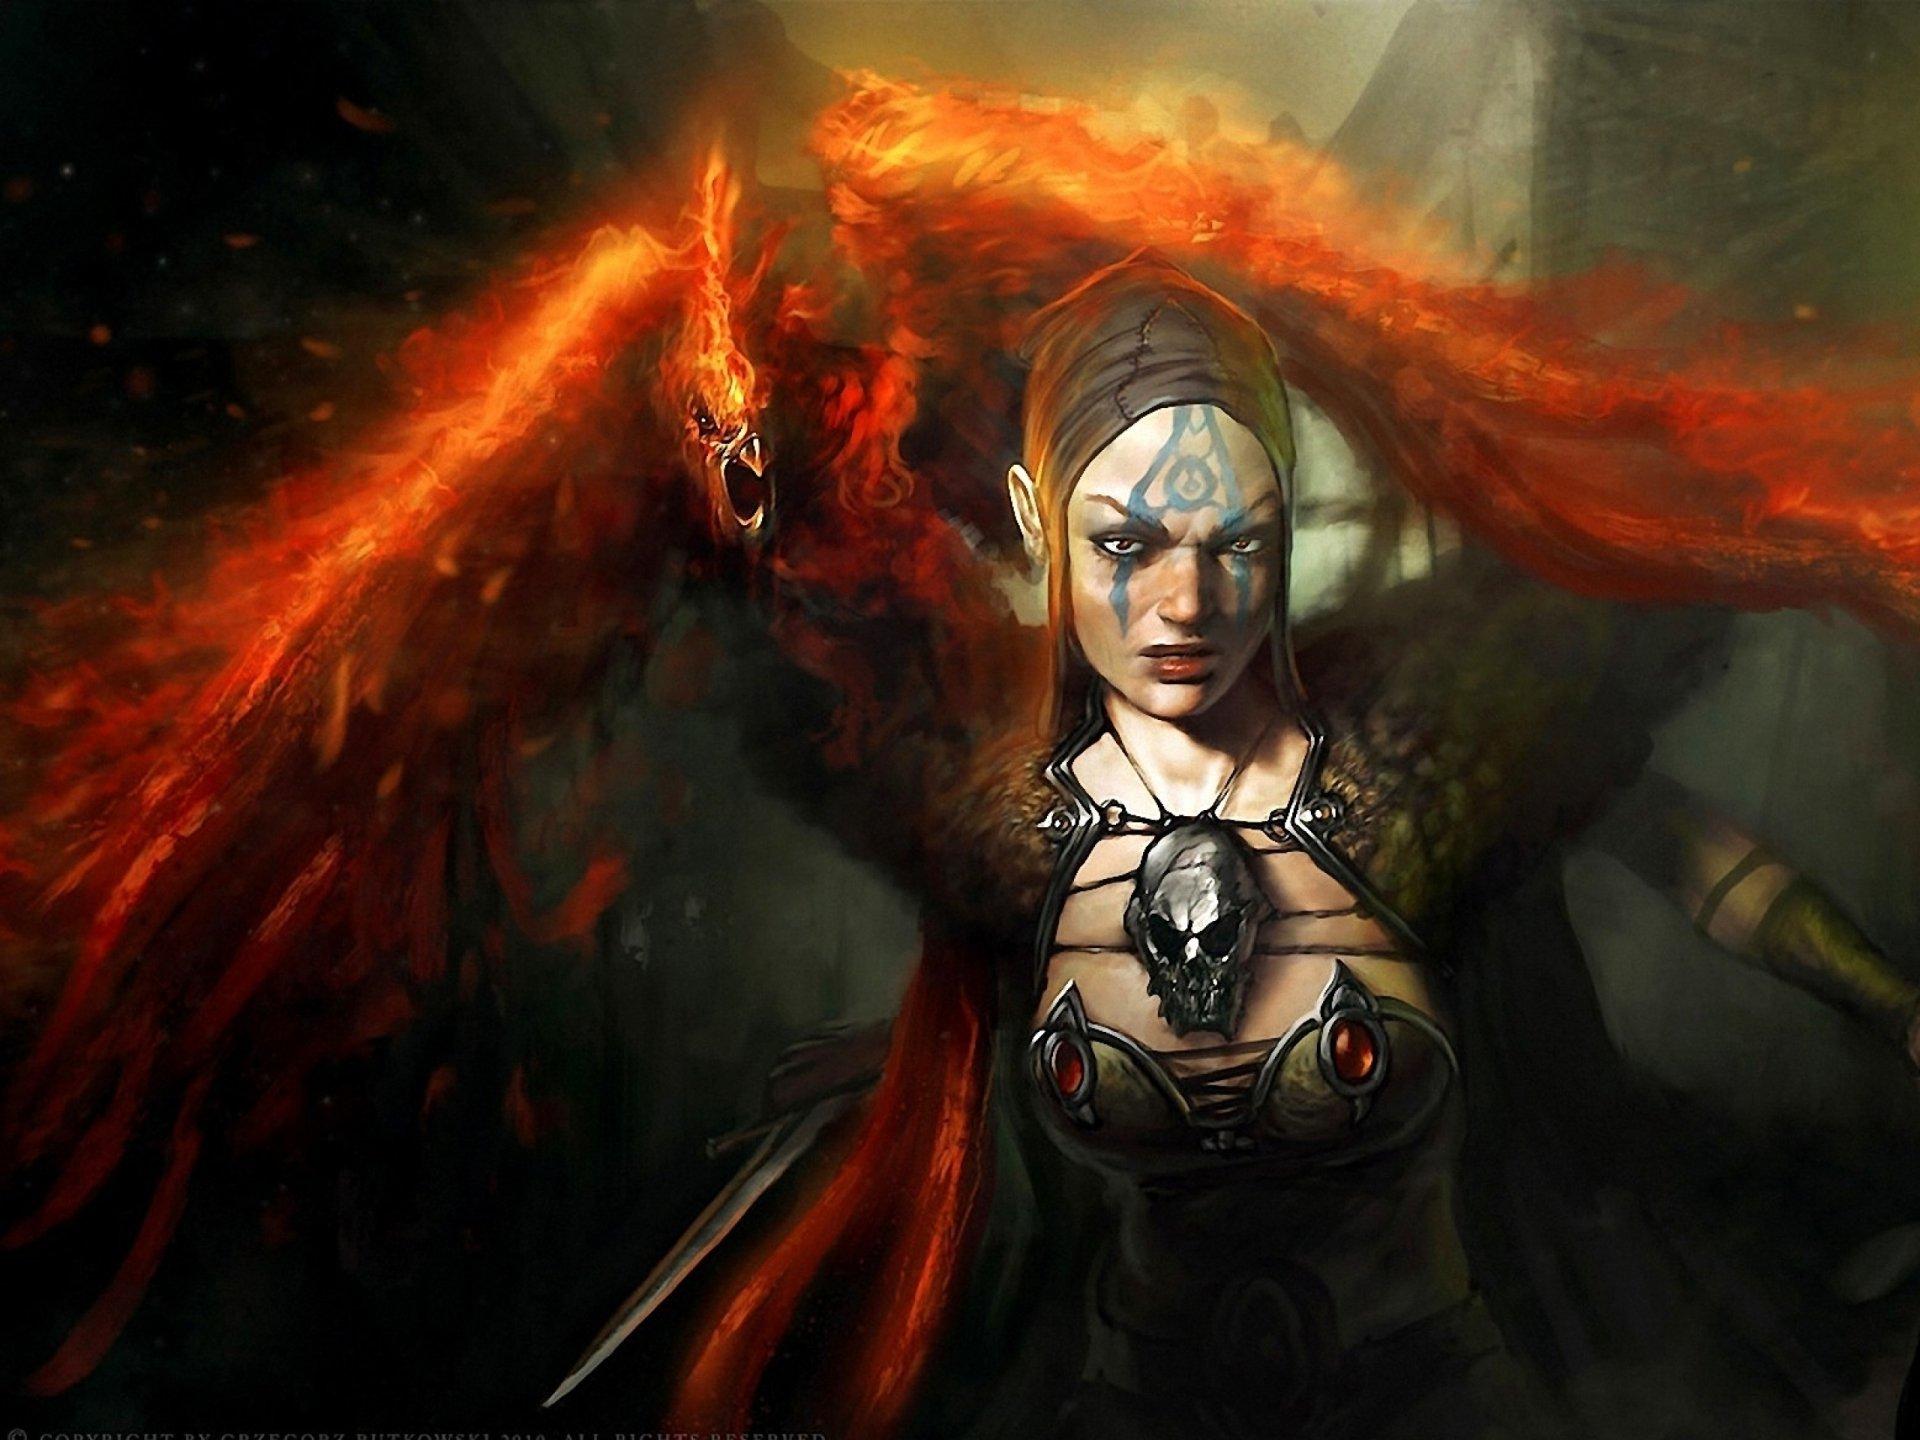 Women Warrior Art - ID: 59462 - Art Abyss